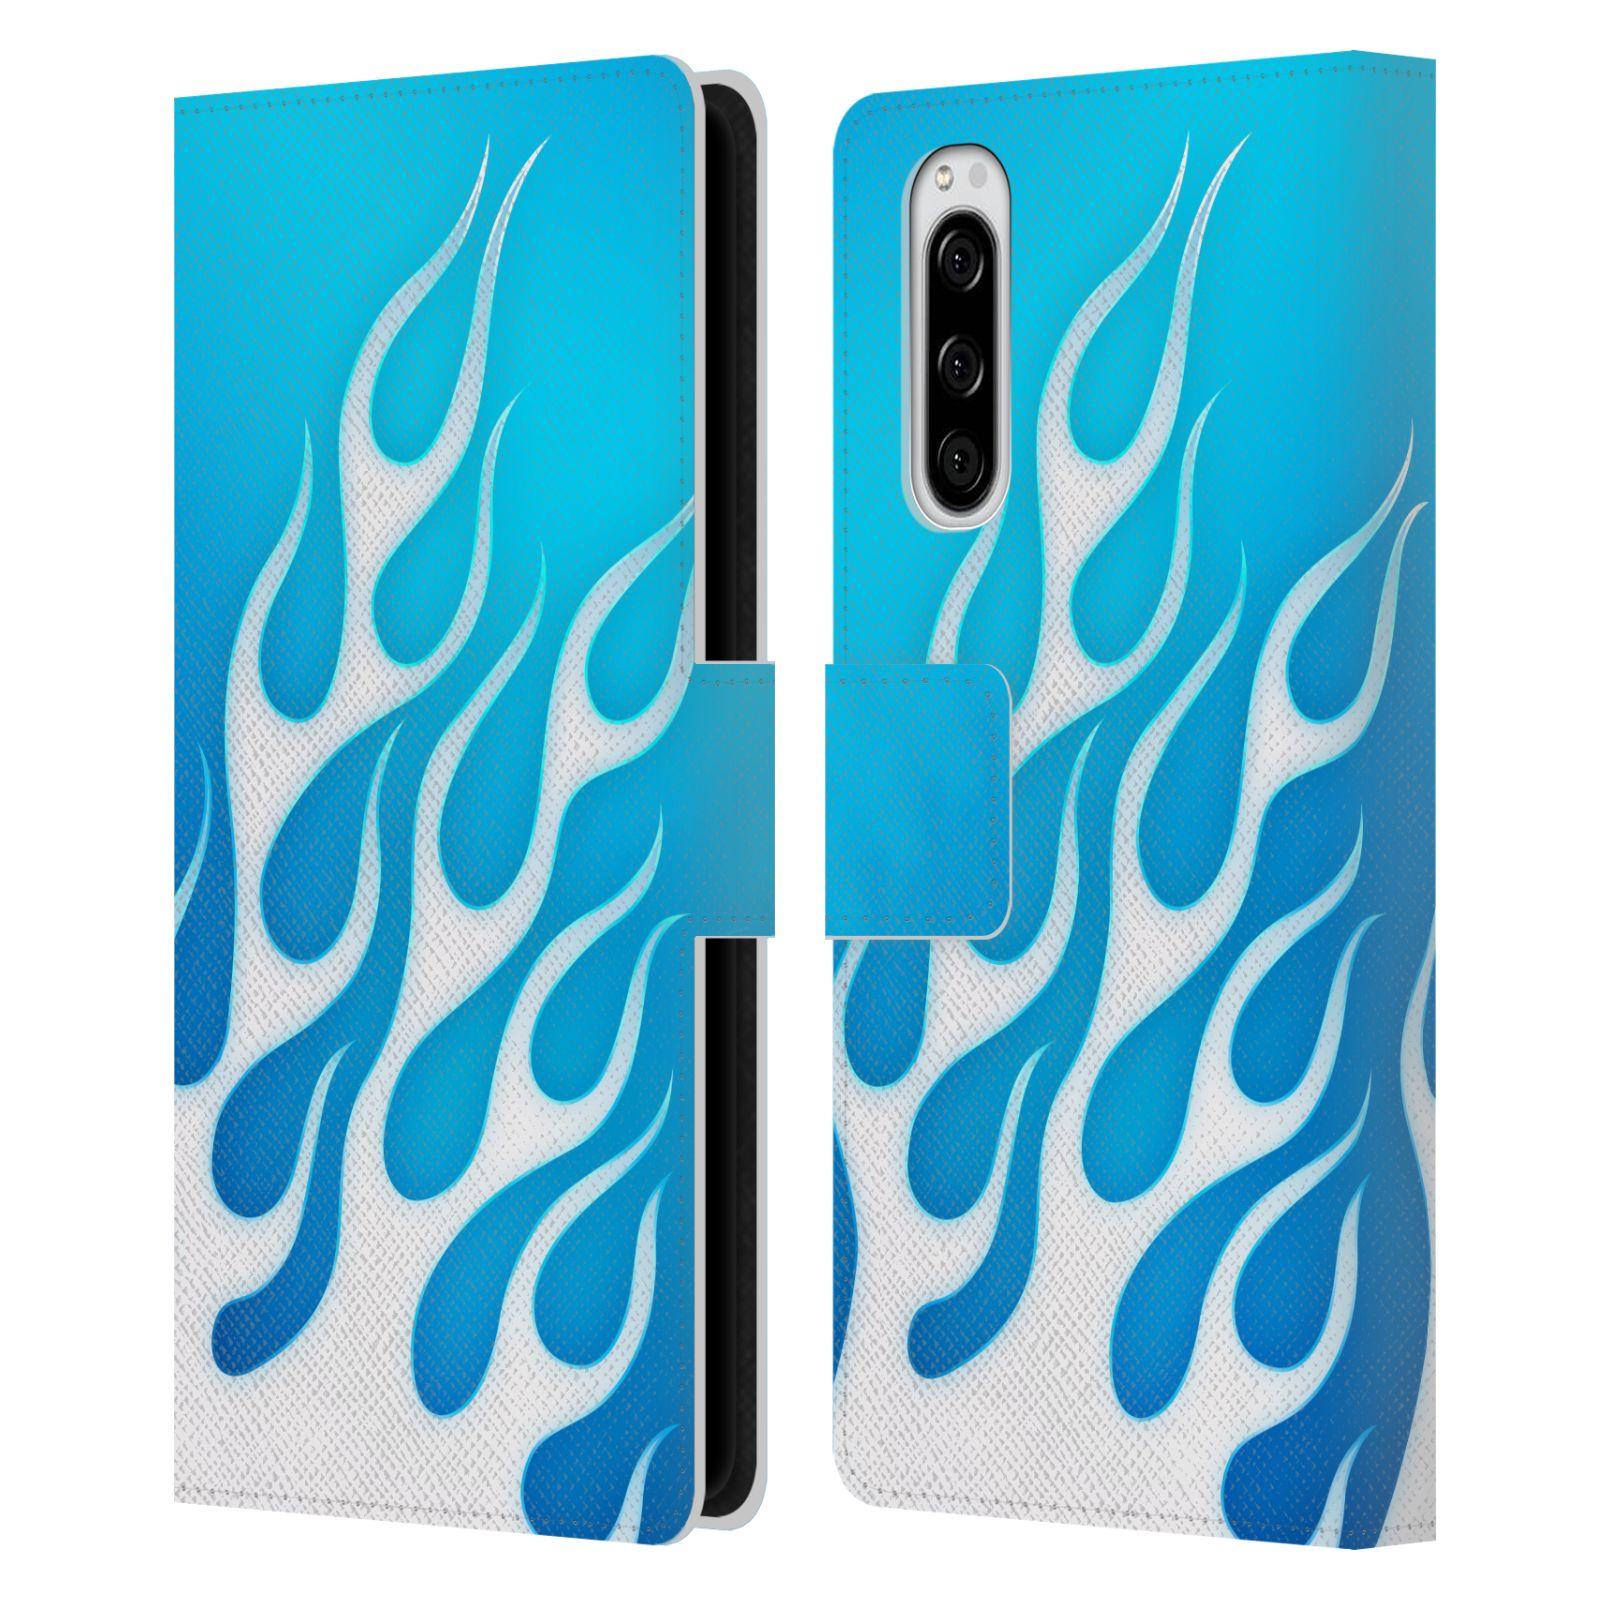 Pouzdro na mobil Sony Xperia 5 barevné ohnivé plameny mrazivě modrá